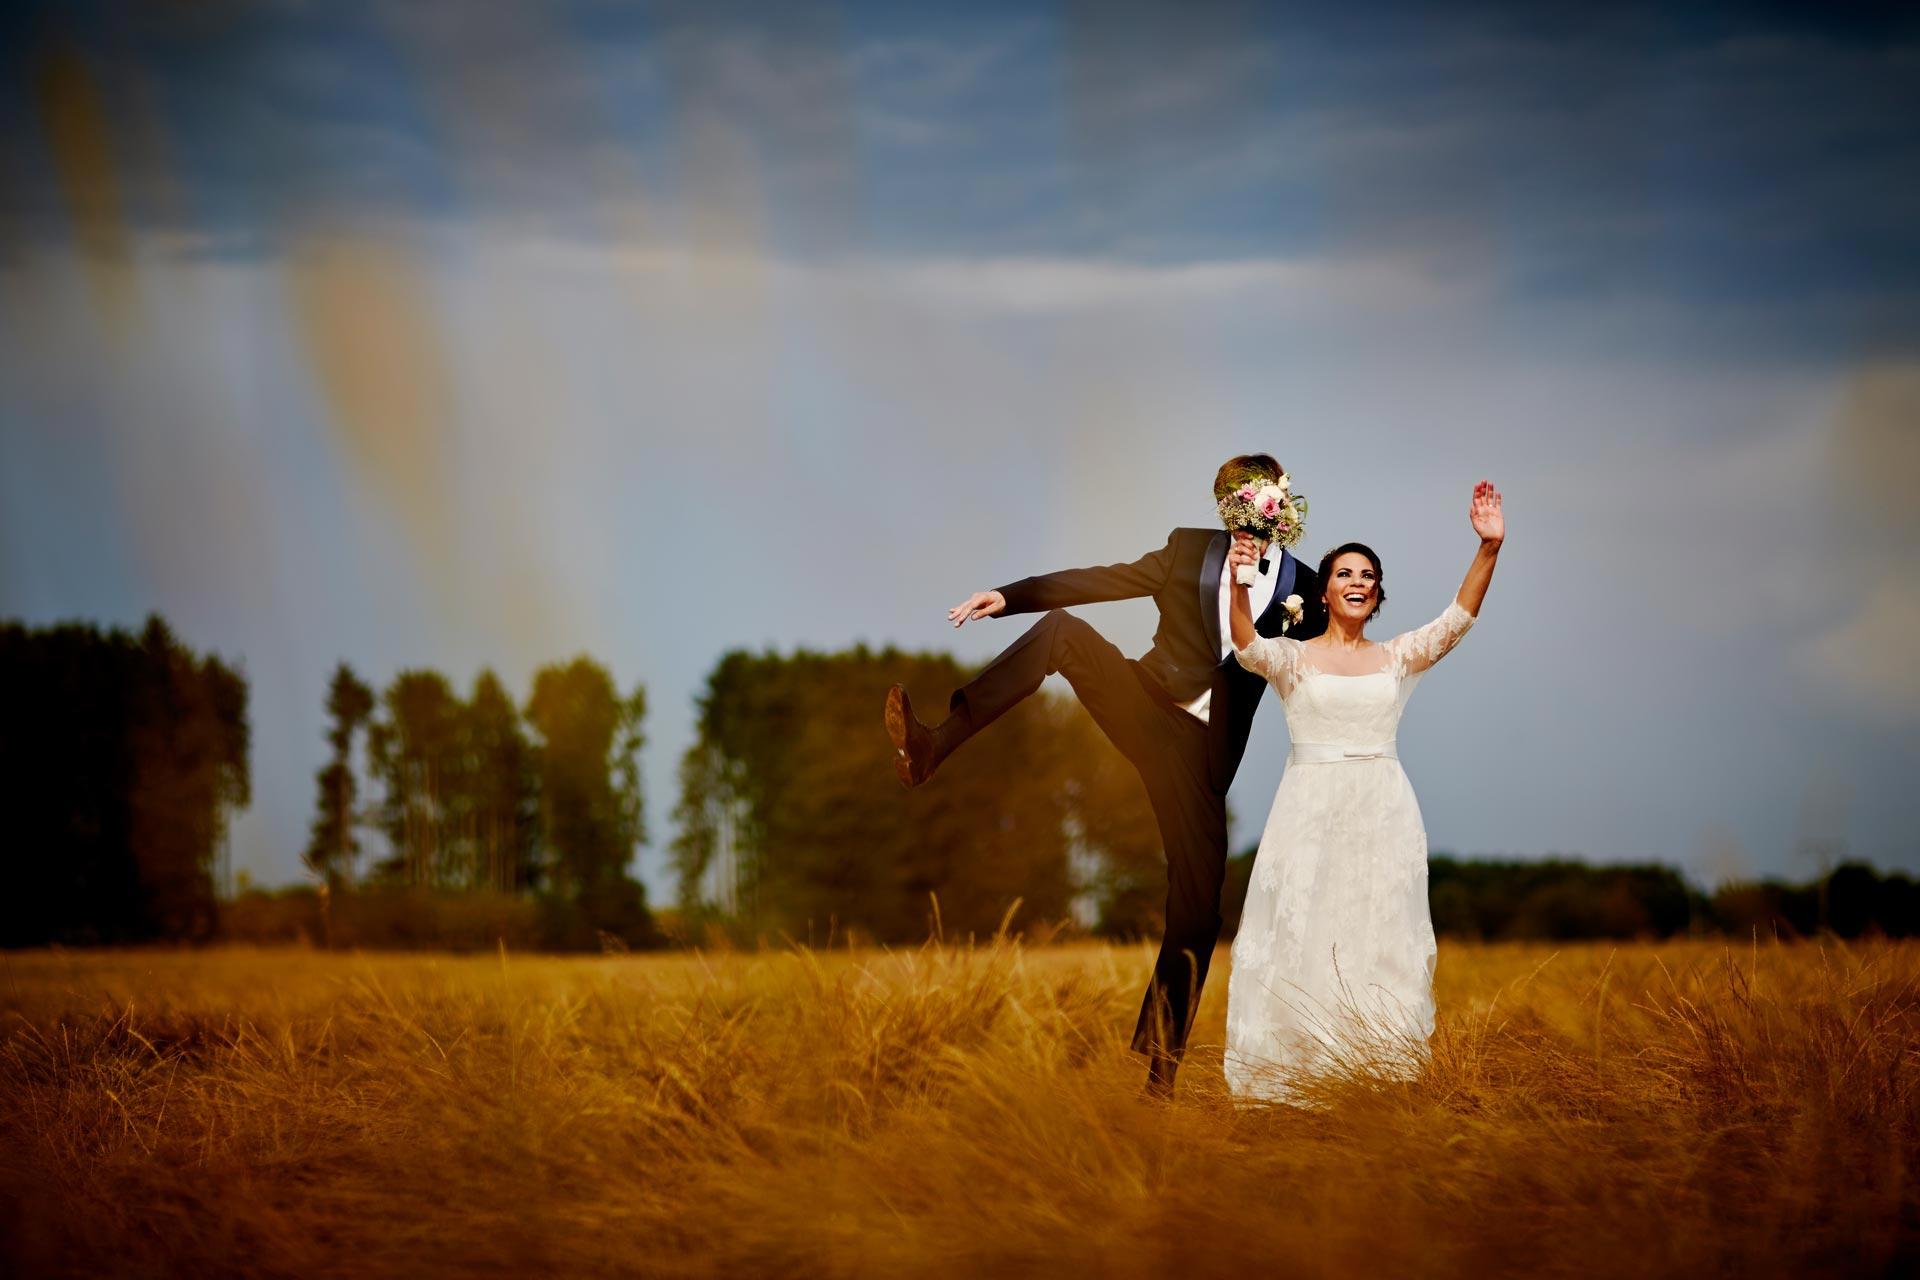 EG_0527_Brautpaar